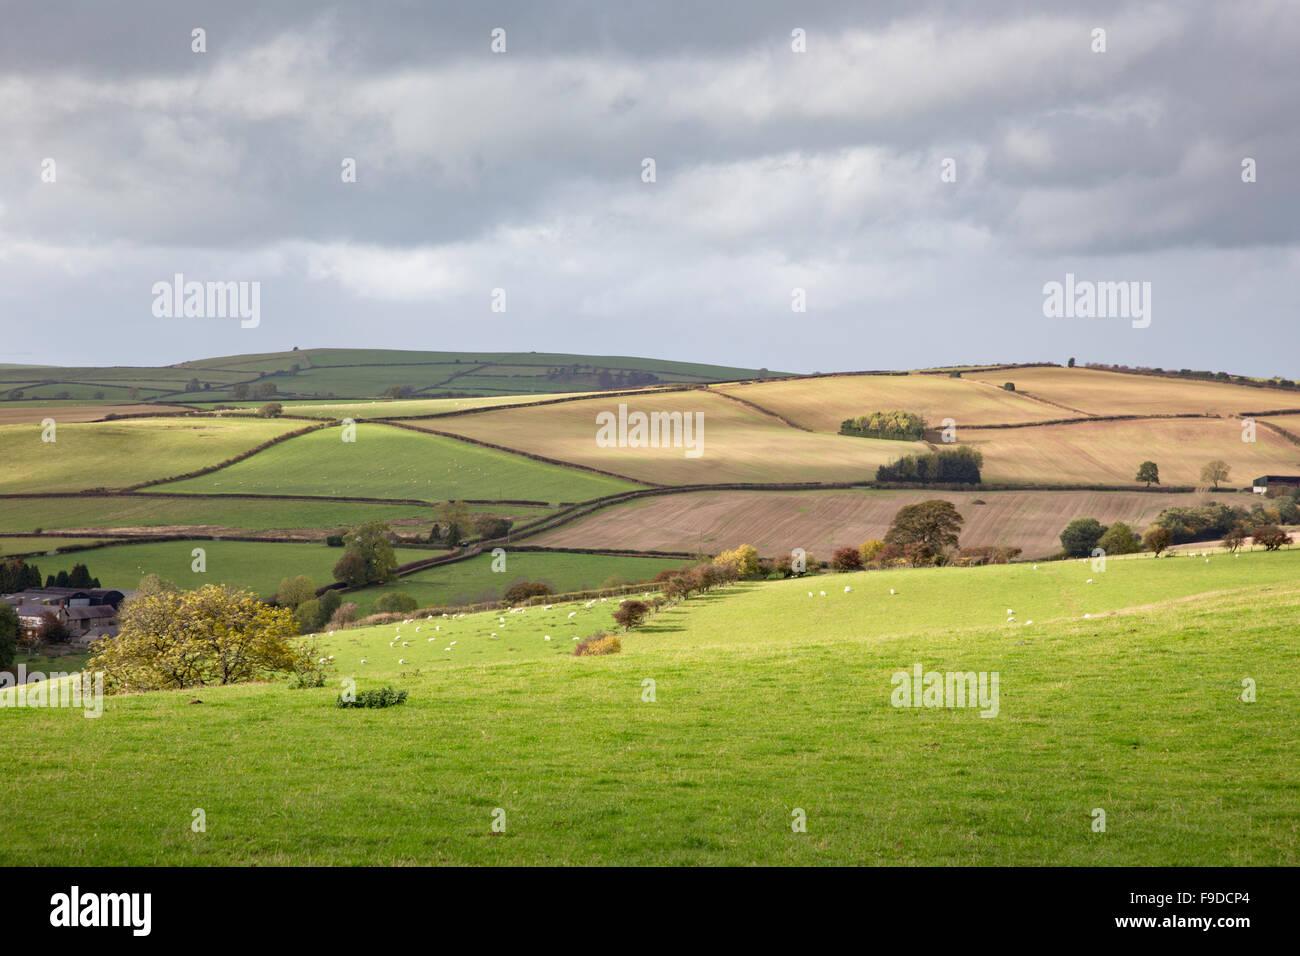 Shropshire countryside, near Clun, Shropshire, England, UK - Stock Image